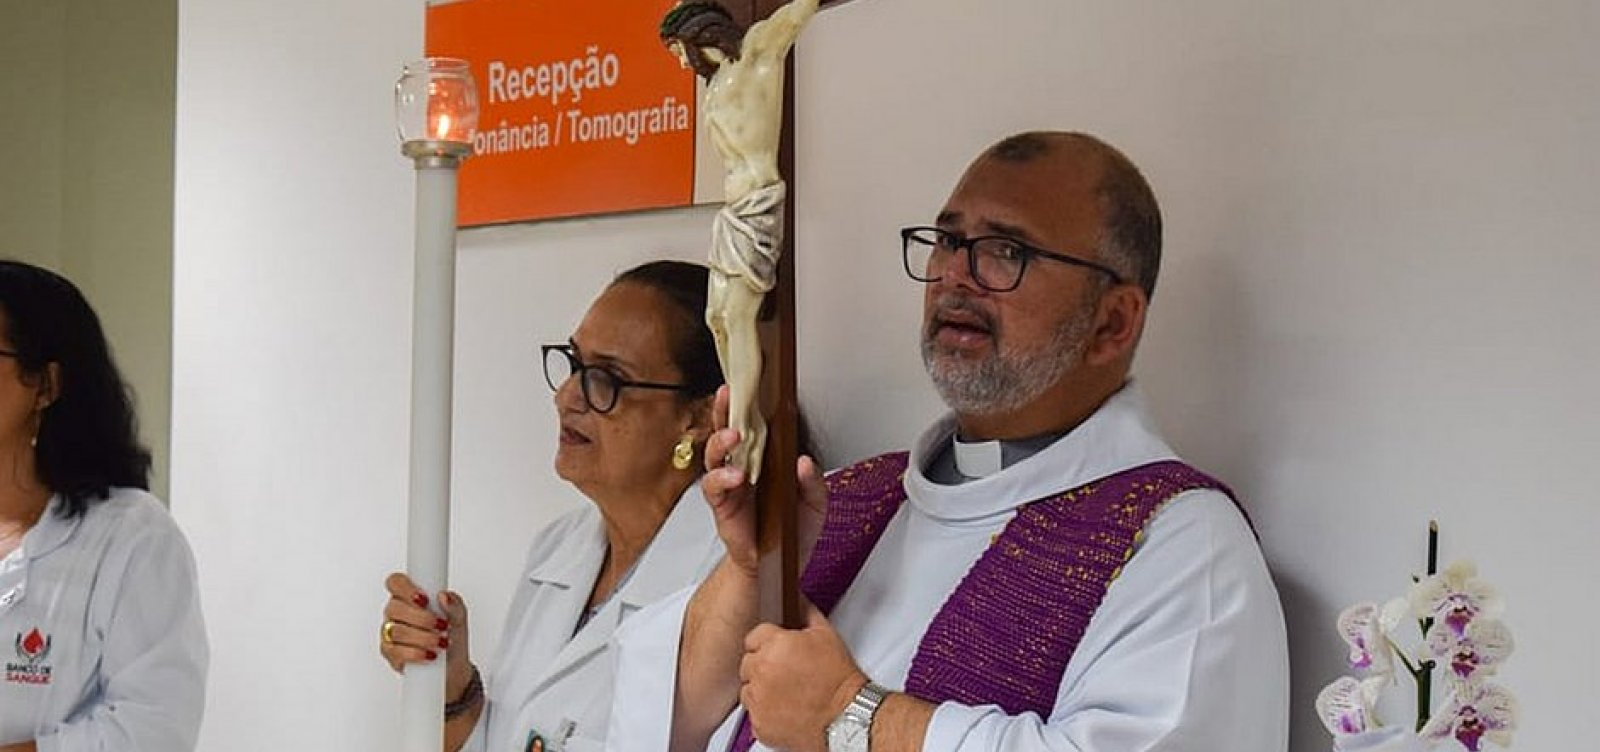 Capelão do Hospital São Rafael testa positivo para Covid-19